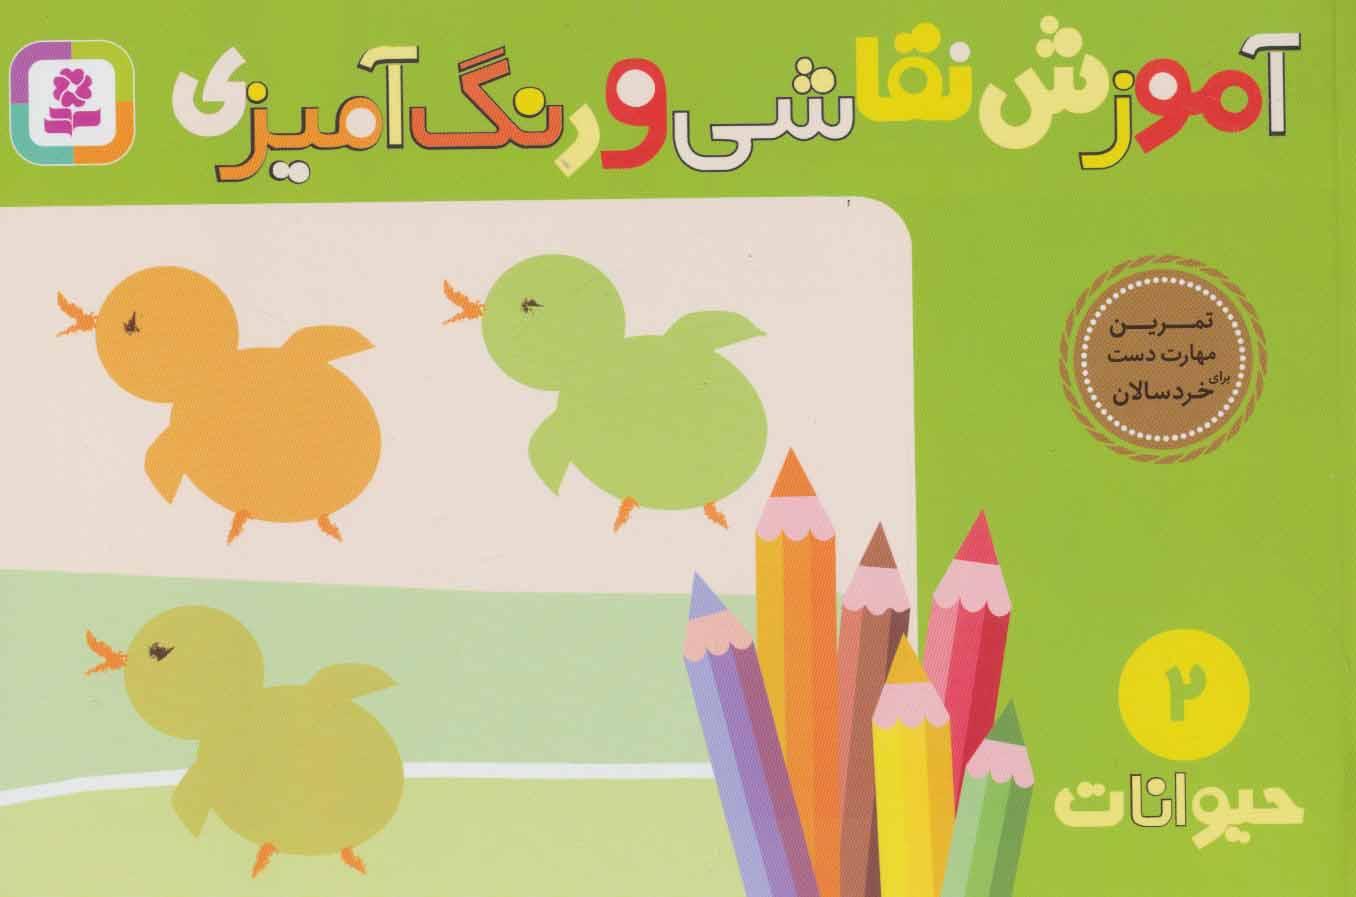 آموزش نقاشی و رنگ آمیزی 2 (حیوانات)